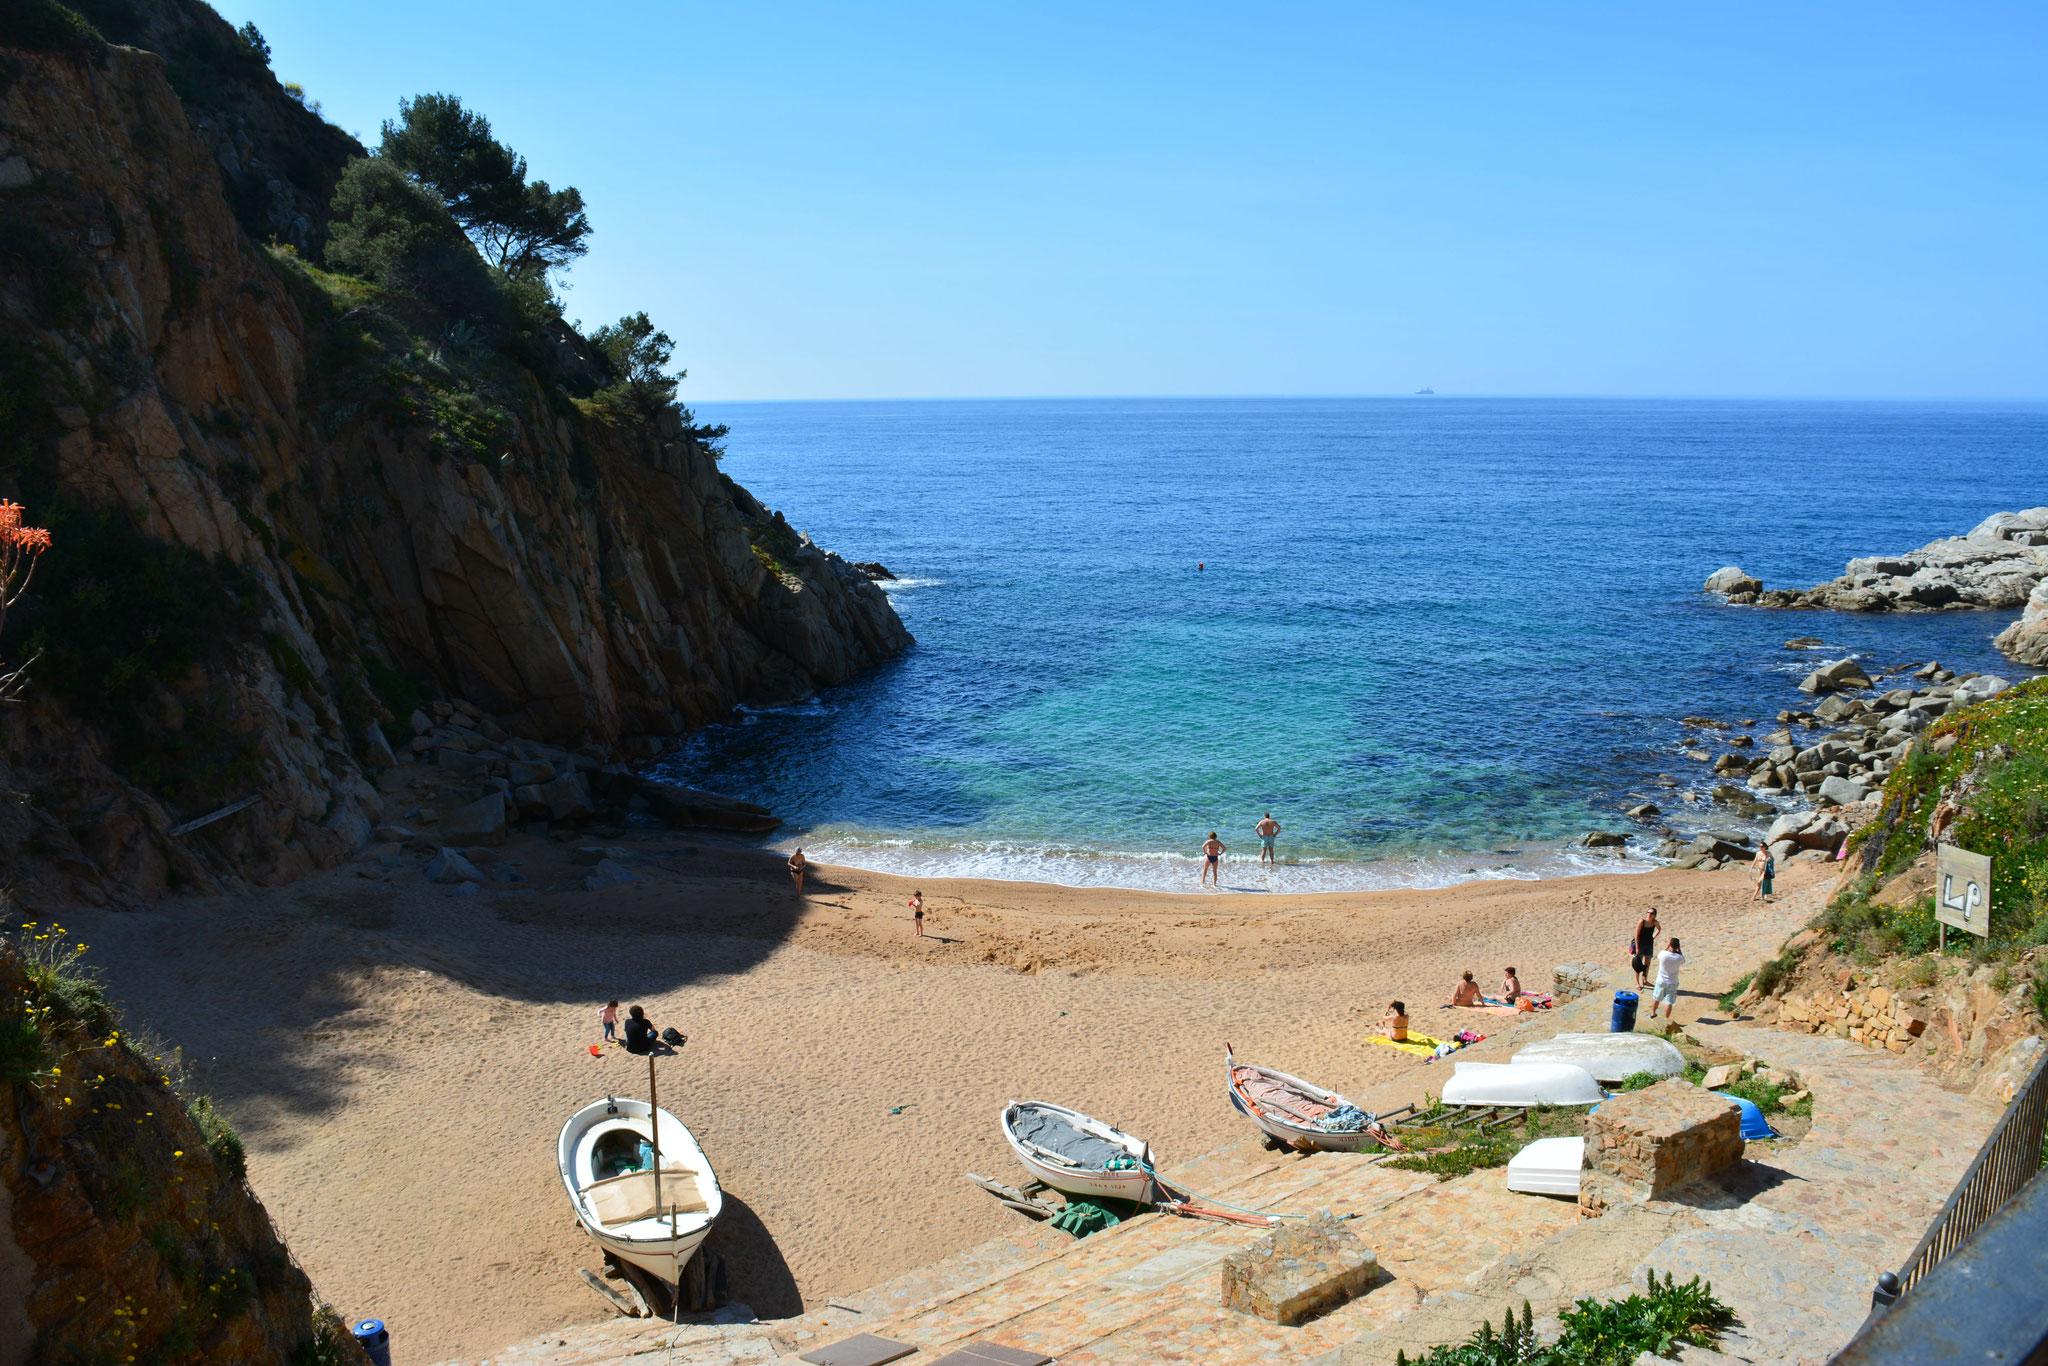 Beach 10 meters